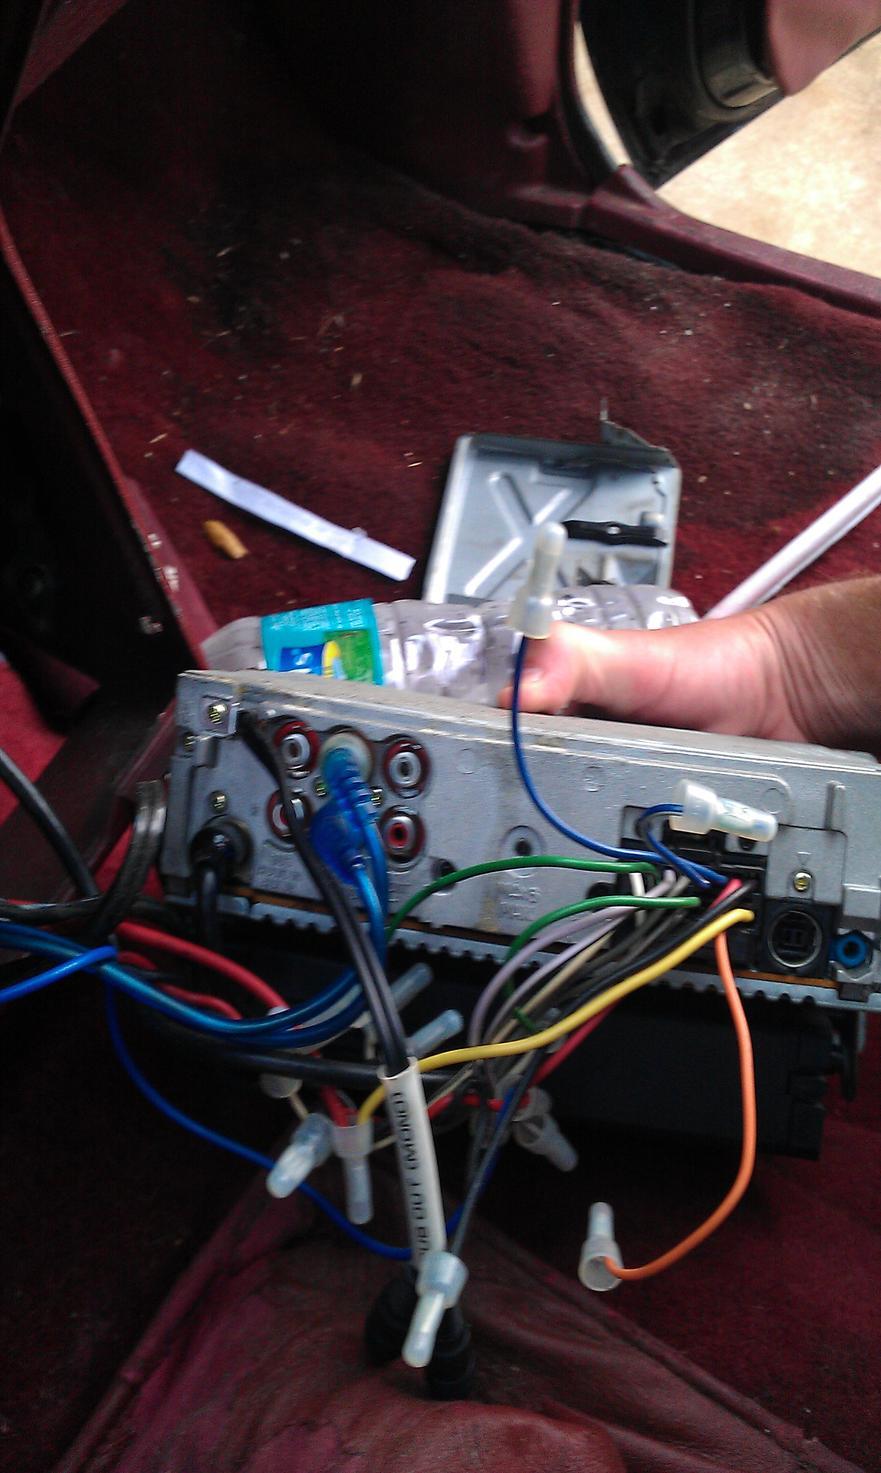 aux port on sony xplod toyota 4runner forum largest 4runner forum attached radi0 jpg 134 1 kb